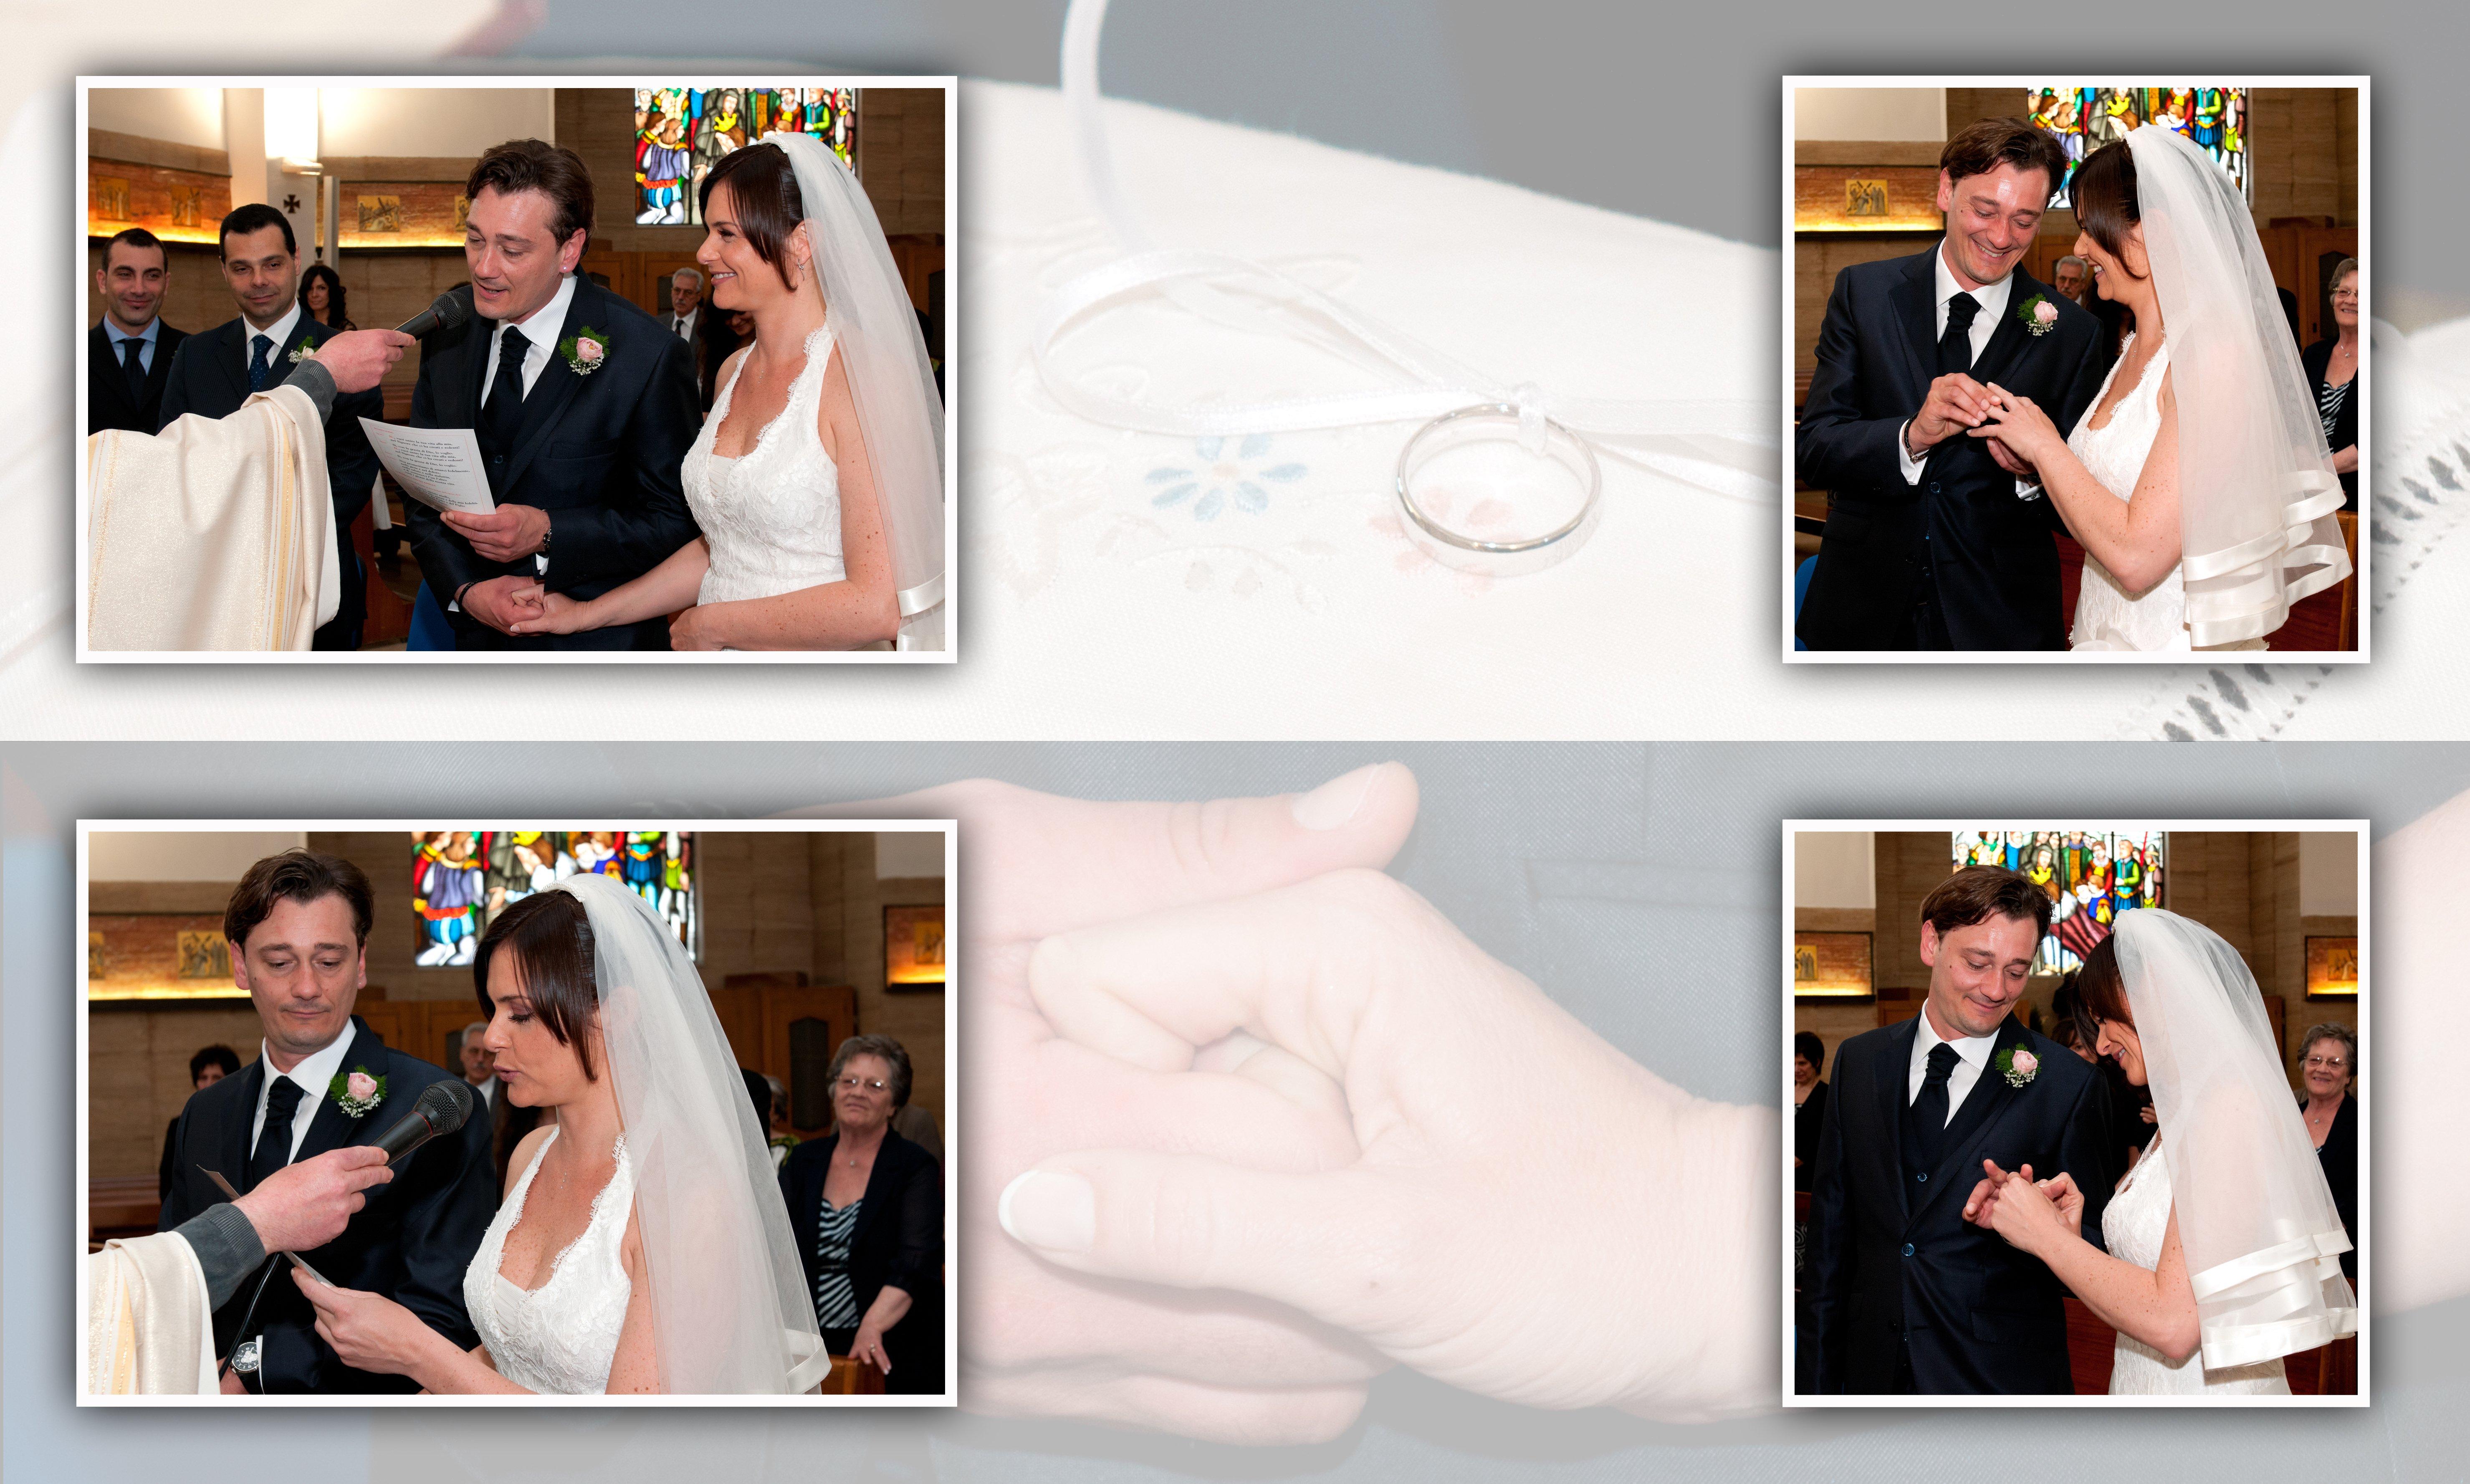 delle foto di una sposa e uno sposo